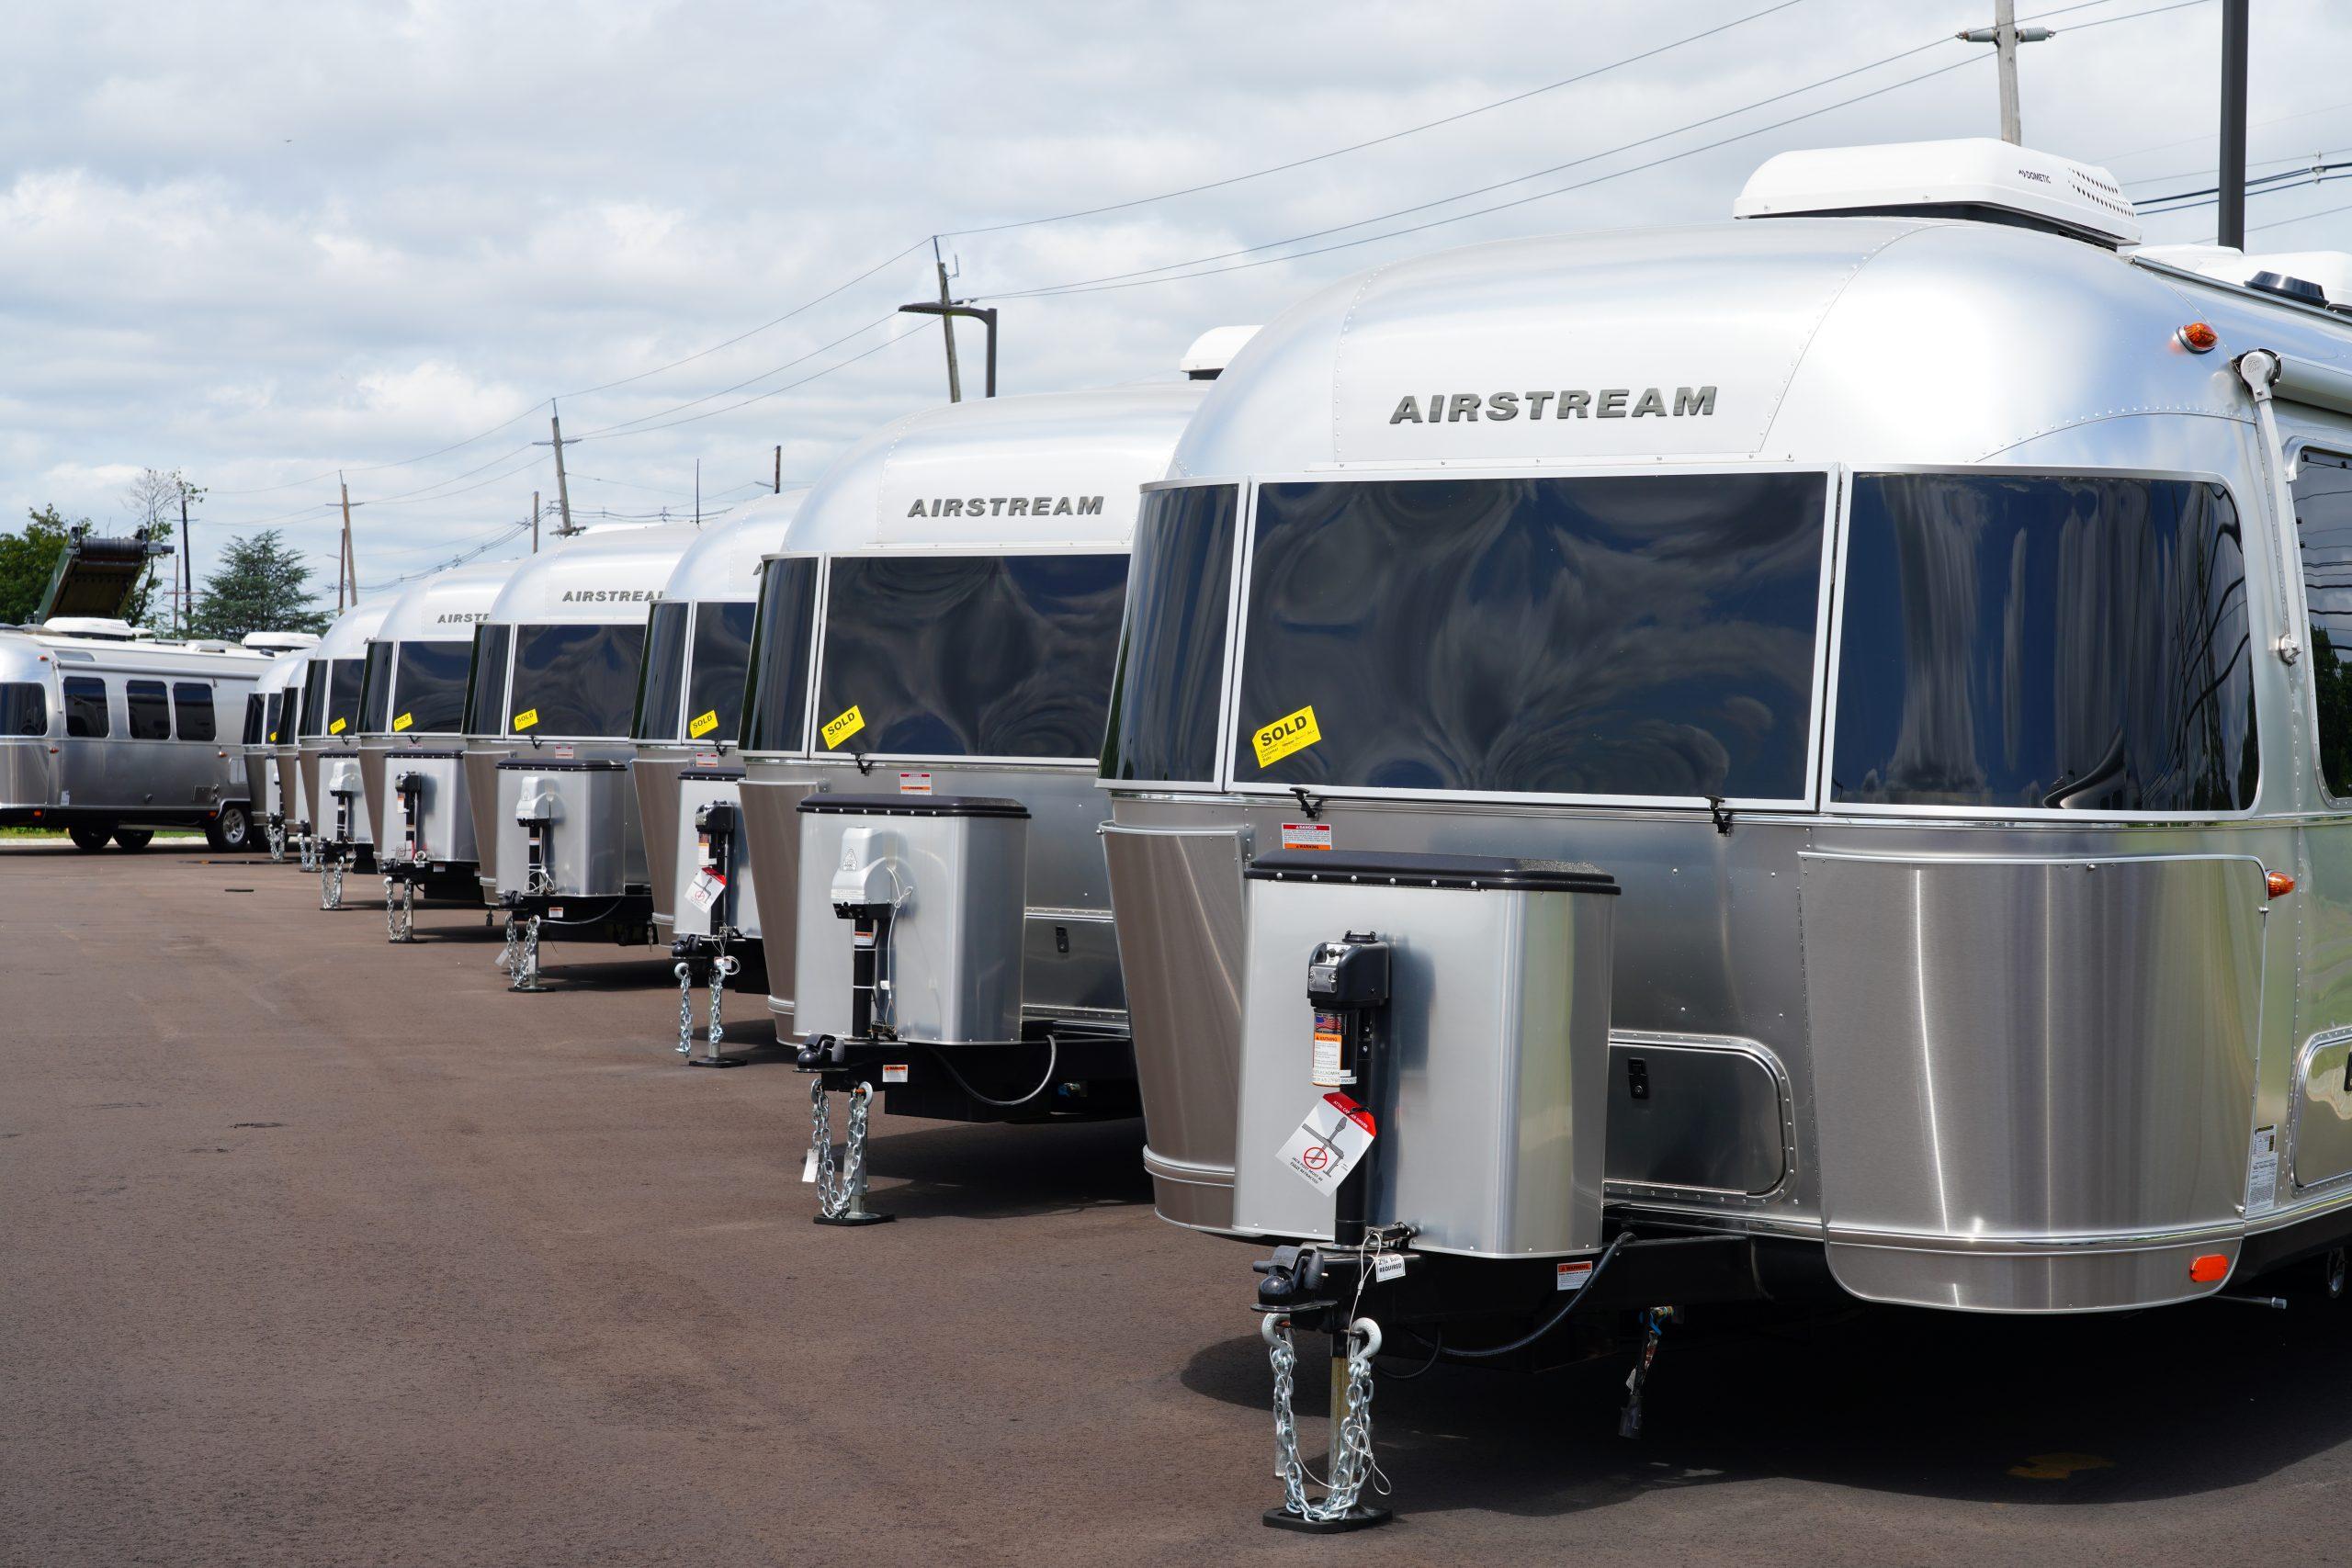 Airstream Trailer RVs